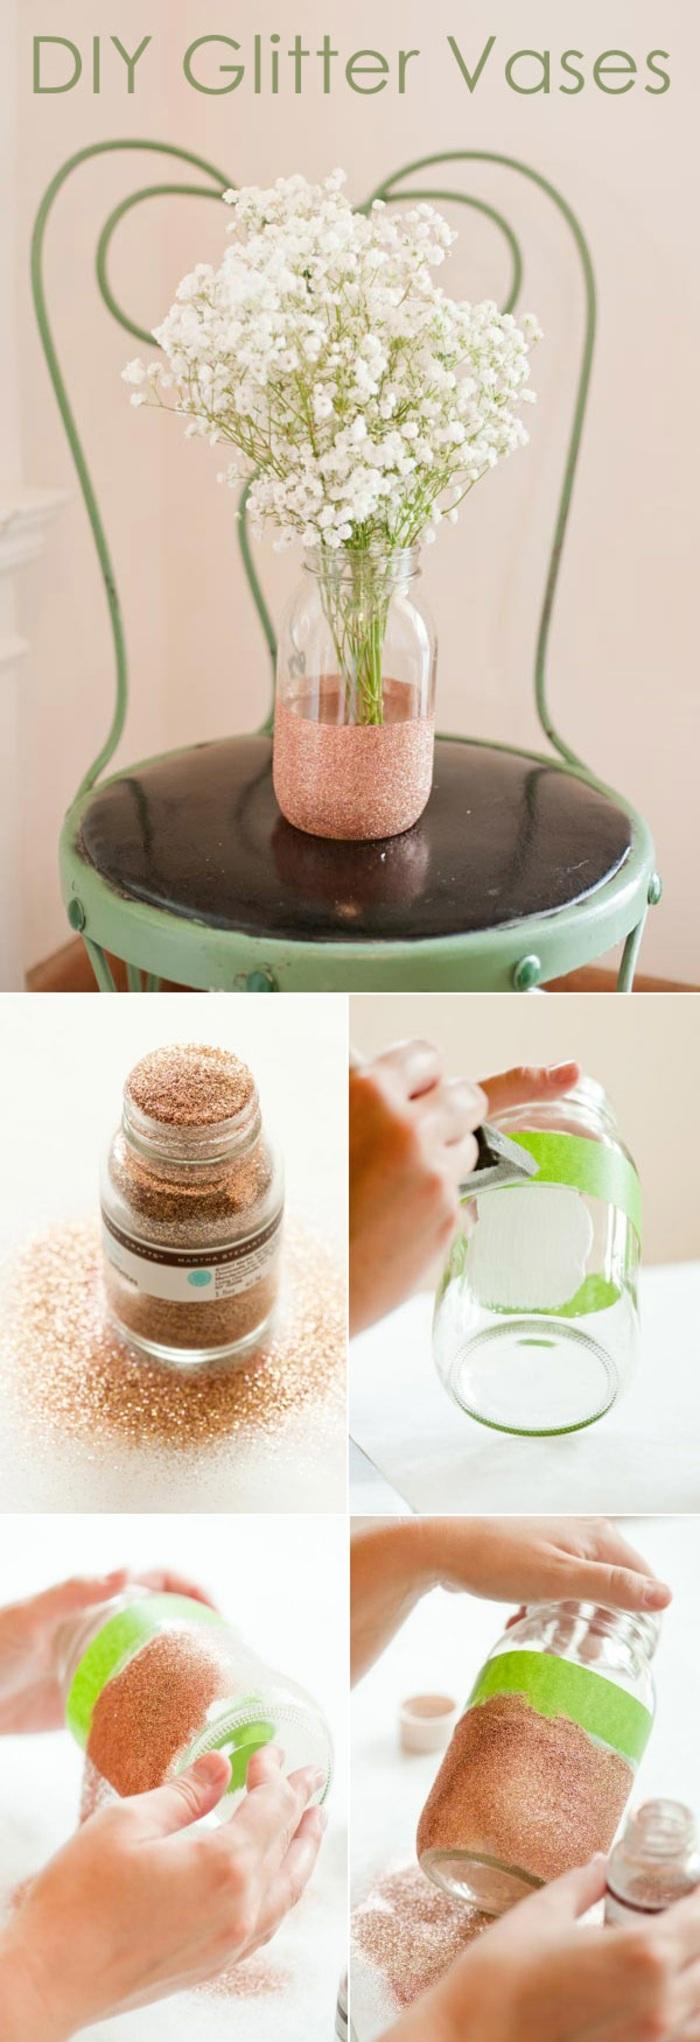 diy vase, einmachglas mit goldenem glitzzer dekorieren, klebeband, stuhl